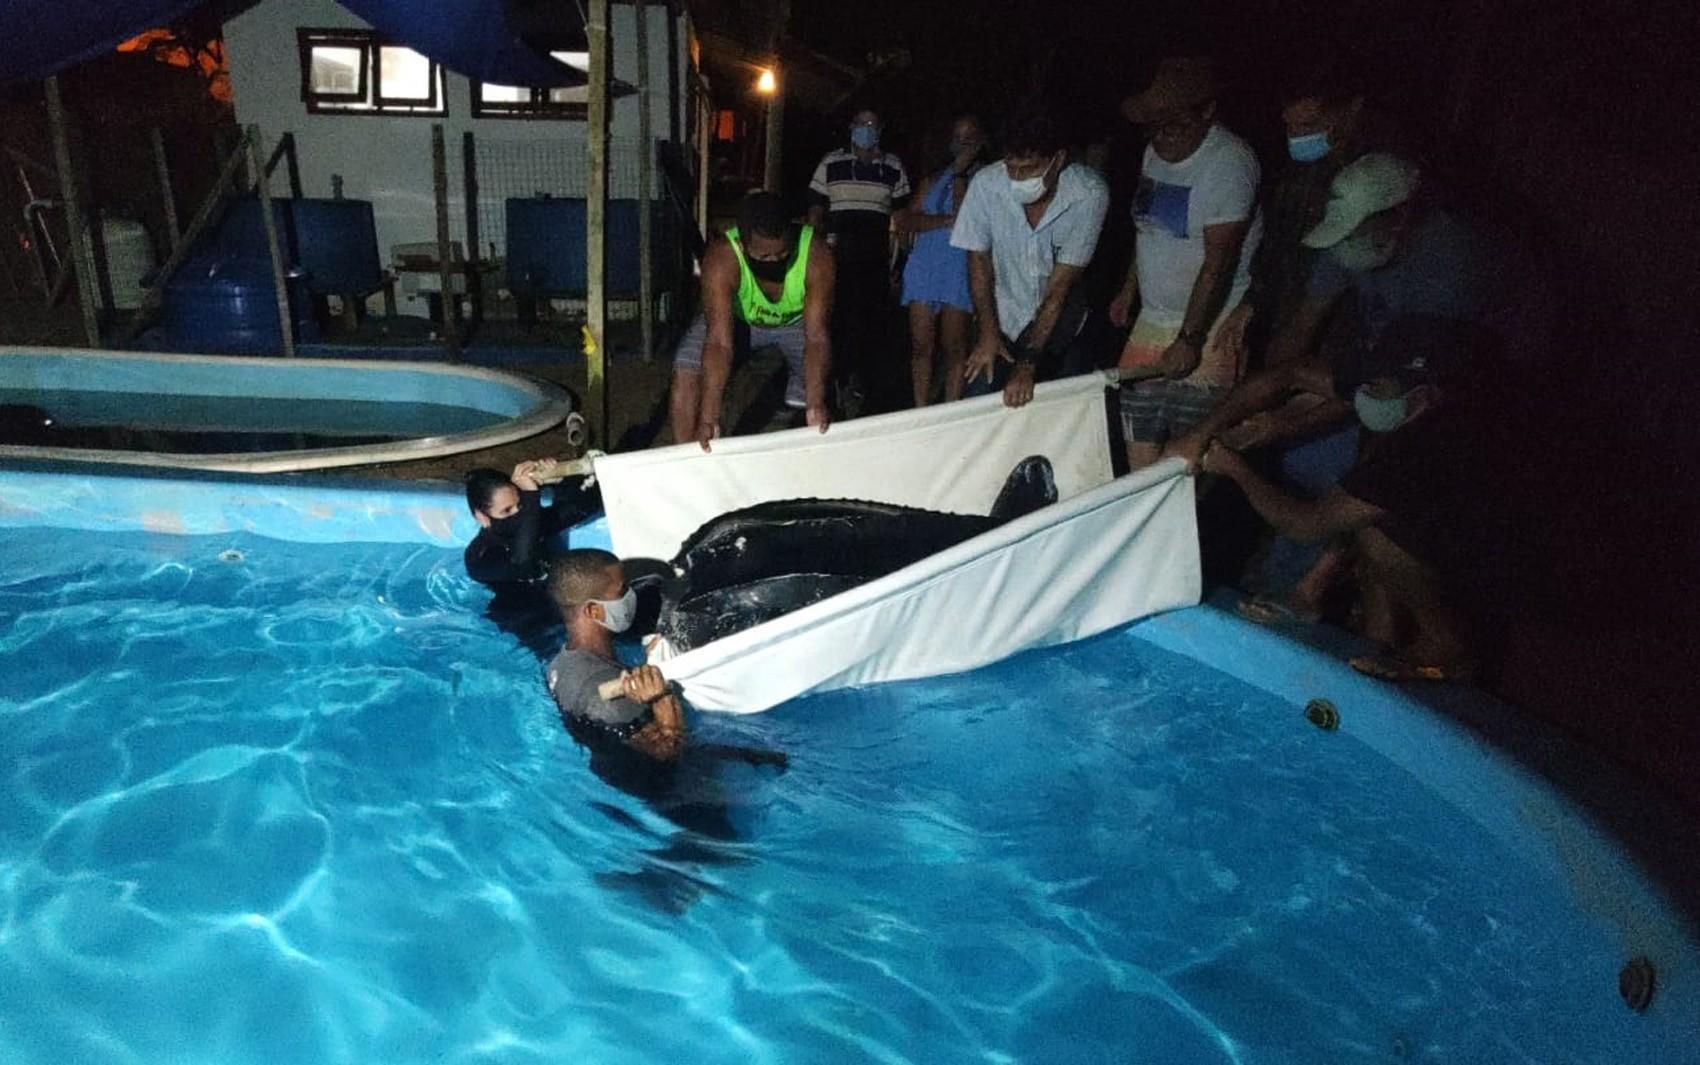 Tartaruga gigante ameaçada de extinção que encalhou em praias da BA é levada para Projeto Tamar